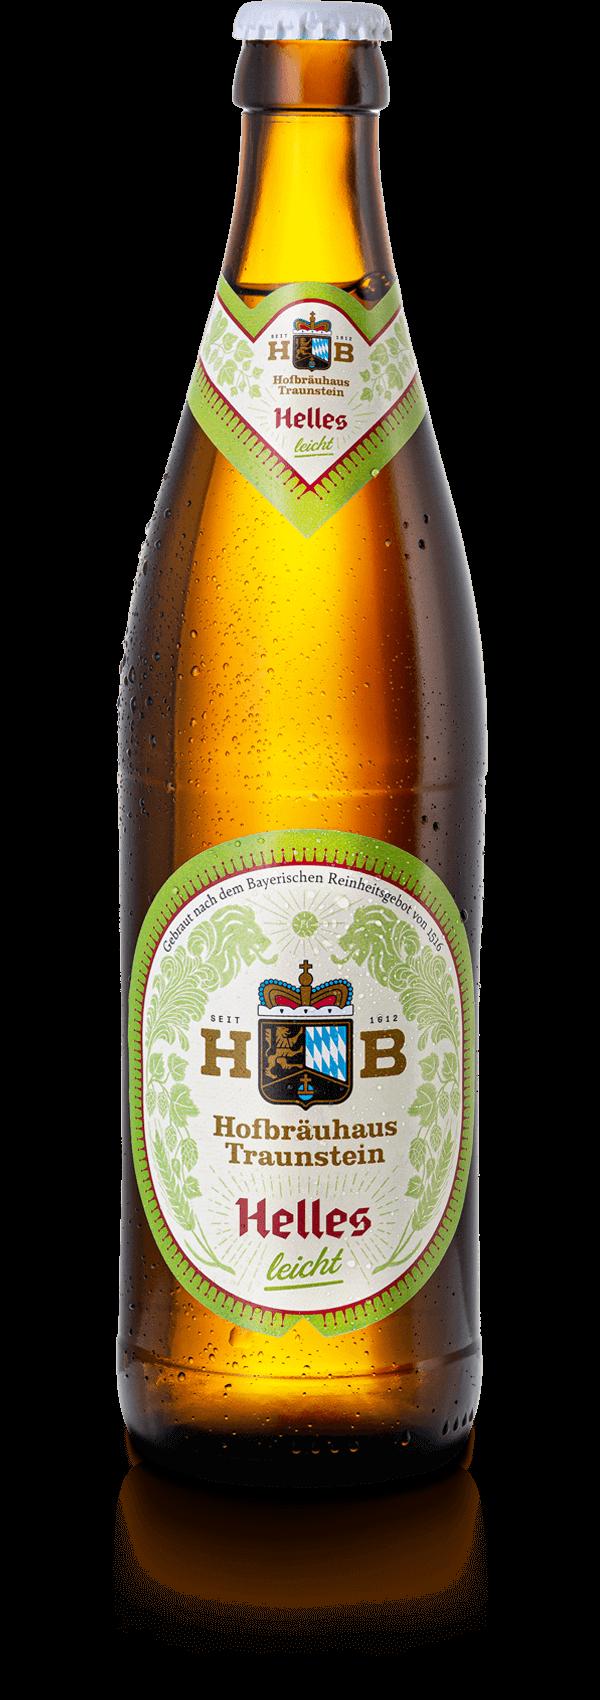 hb-ts-helles-leicht